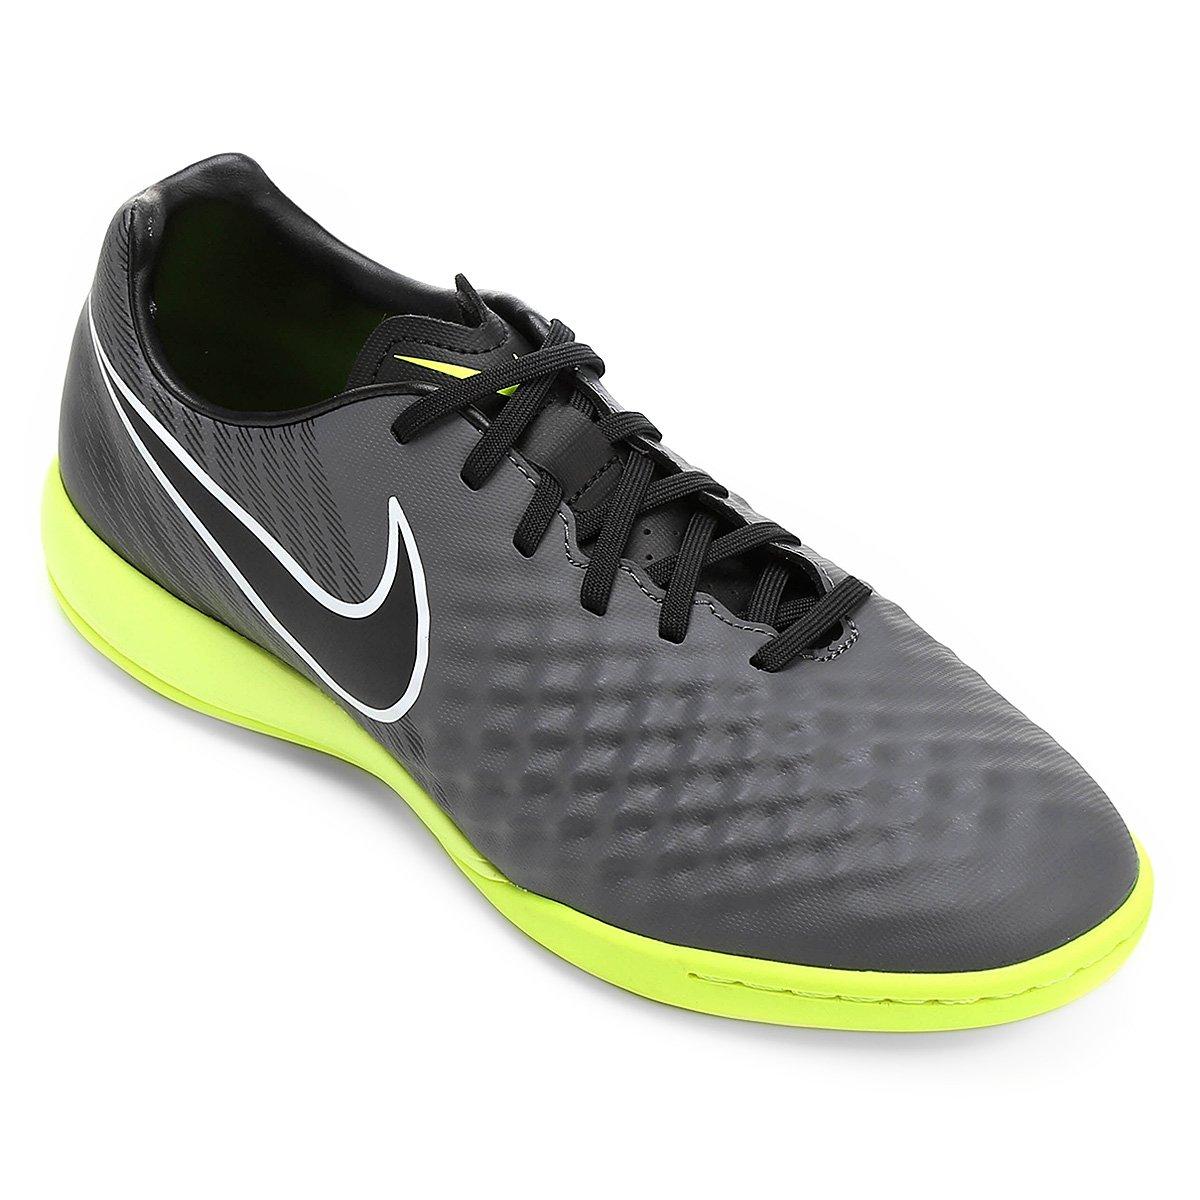 e4e77152d9 Chuteira Futsal Nike Magista Onda II IC Masculina - Chumbo e Verde ...